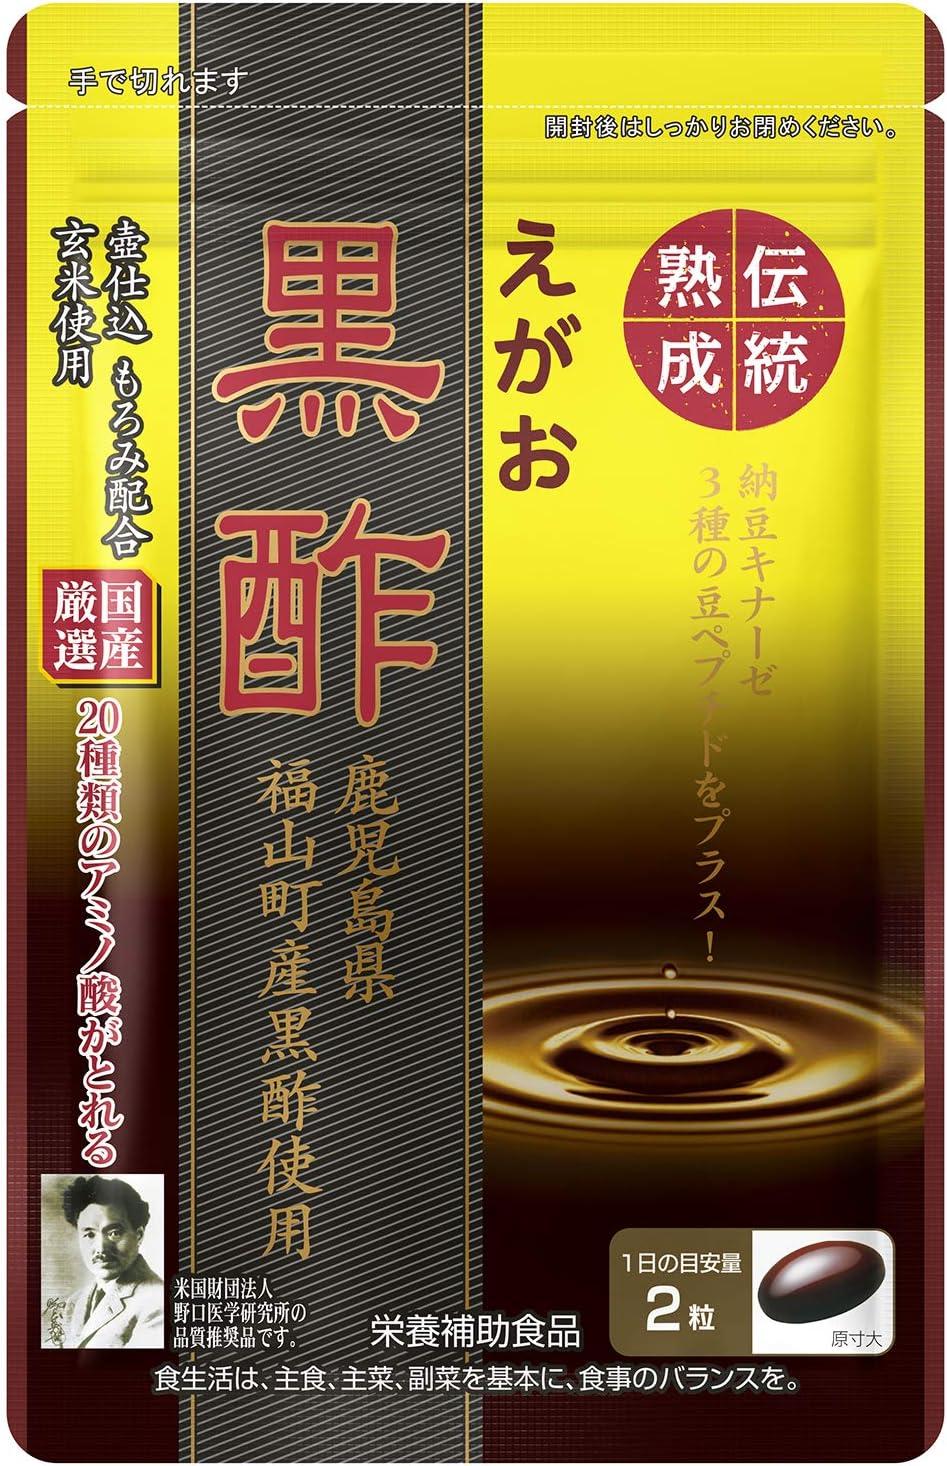 えがおの黒酢 【1袋】(1袋/62粒入り 約1ヵ月分) 栄養補助食品